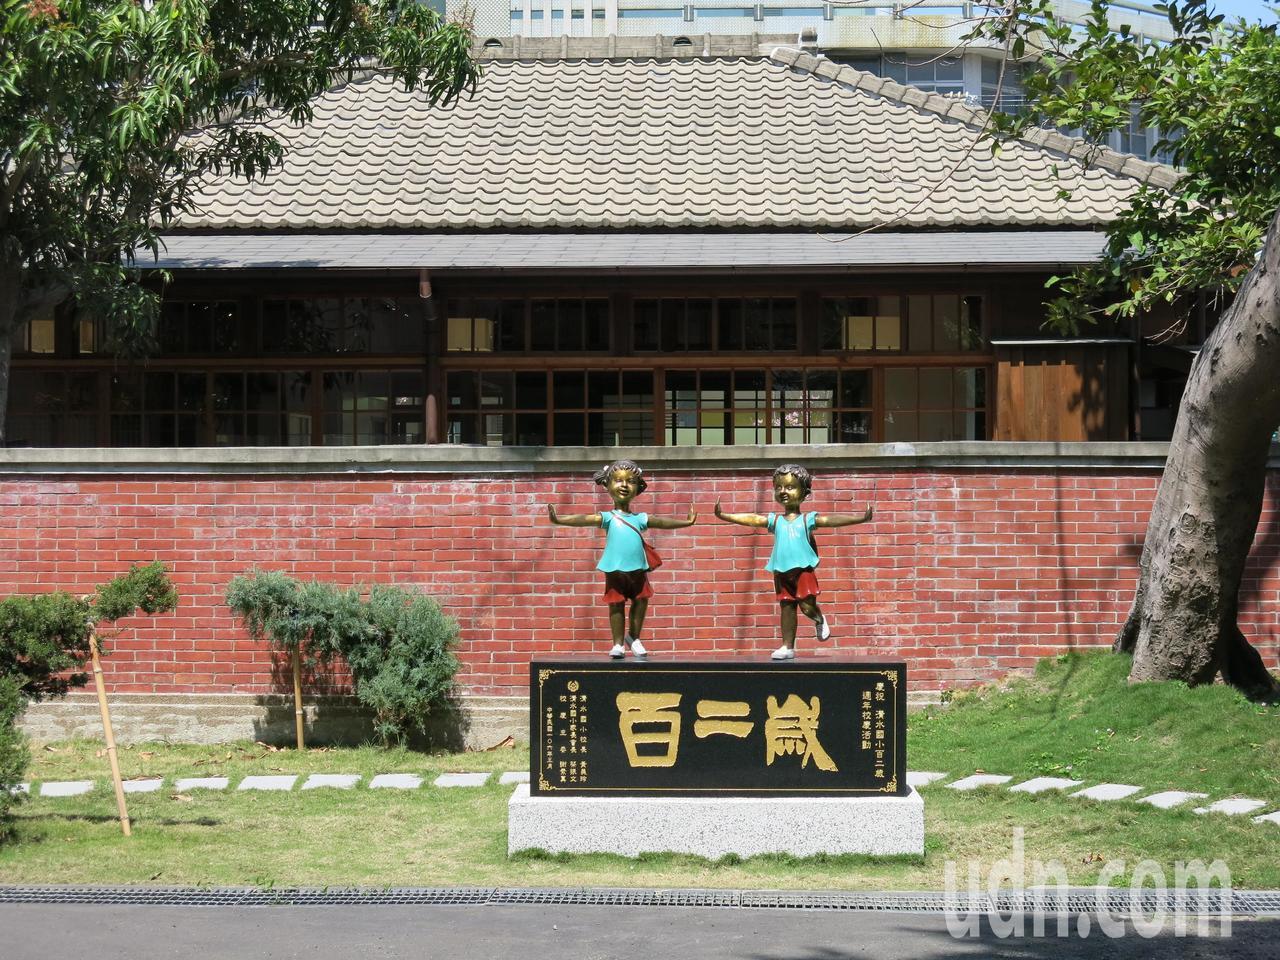 2019小願遊活動春節期間將在百年歷史的清水國小舉行。記者黑中亮/攝影